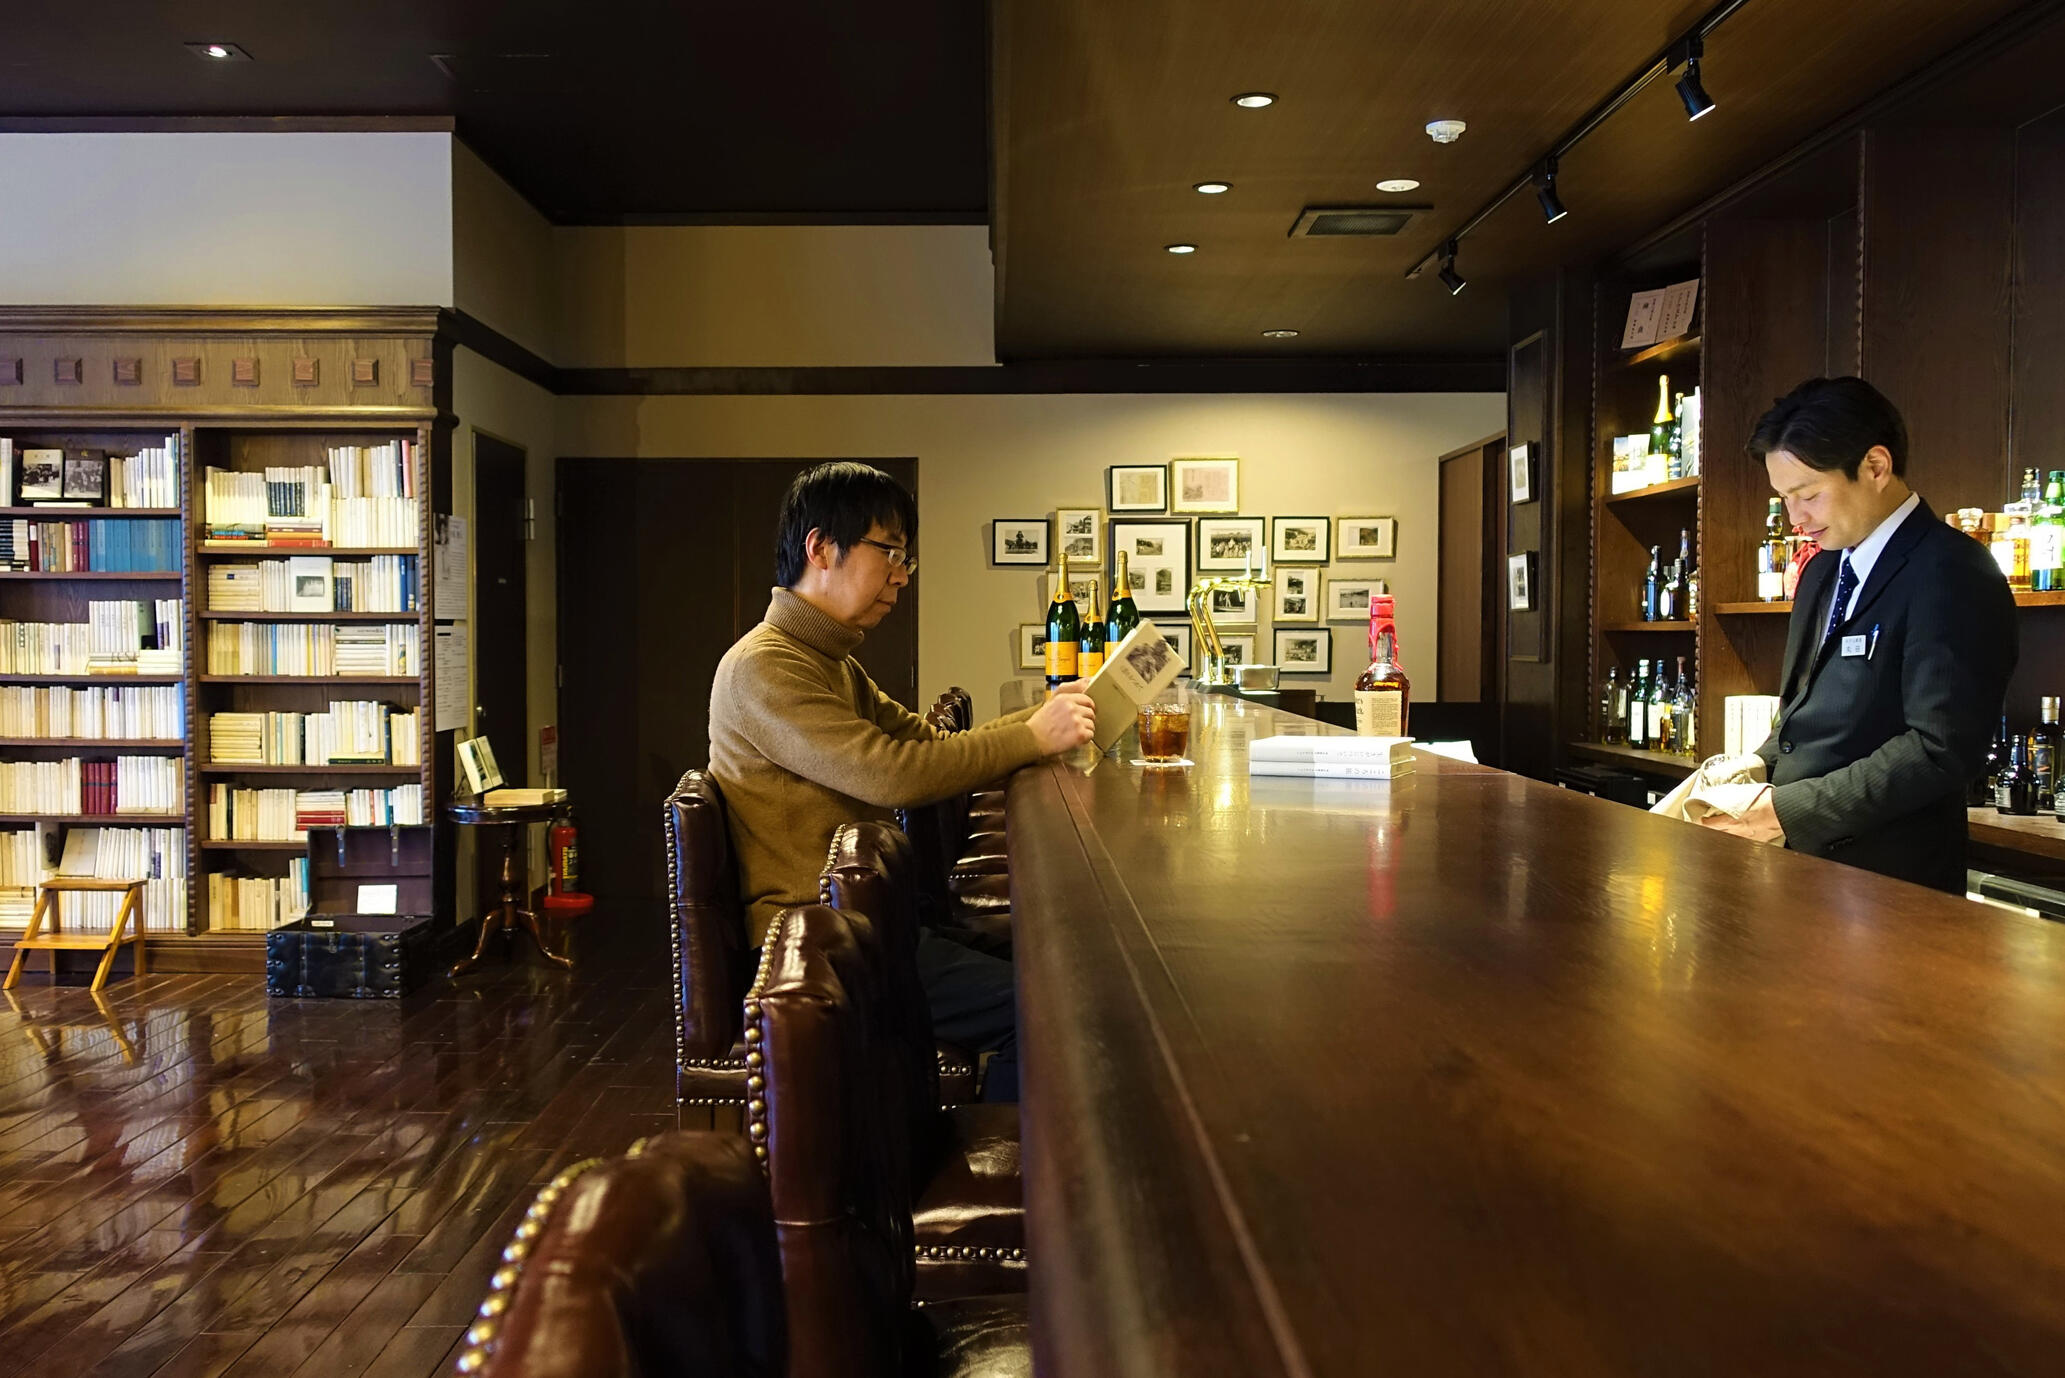 「みすずラウンジ&バー」は、みすず書房の創業者、小尾俊人が茅野市出身であることにちなみ命名